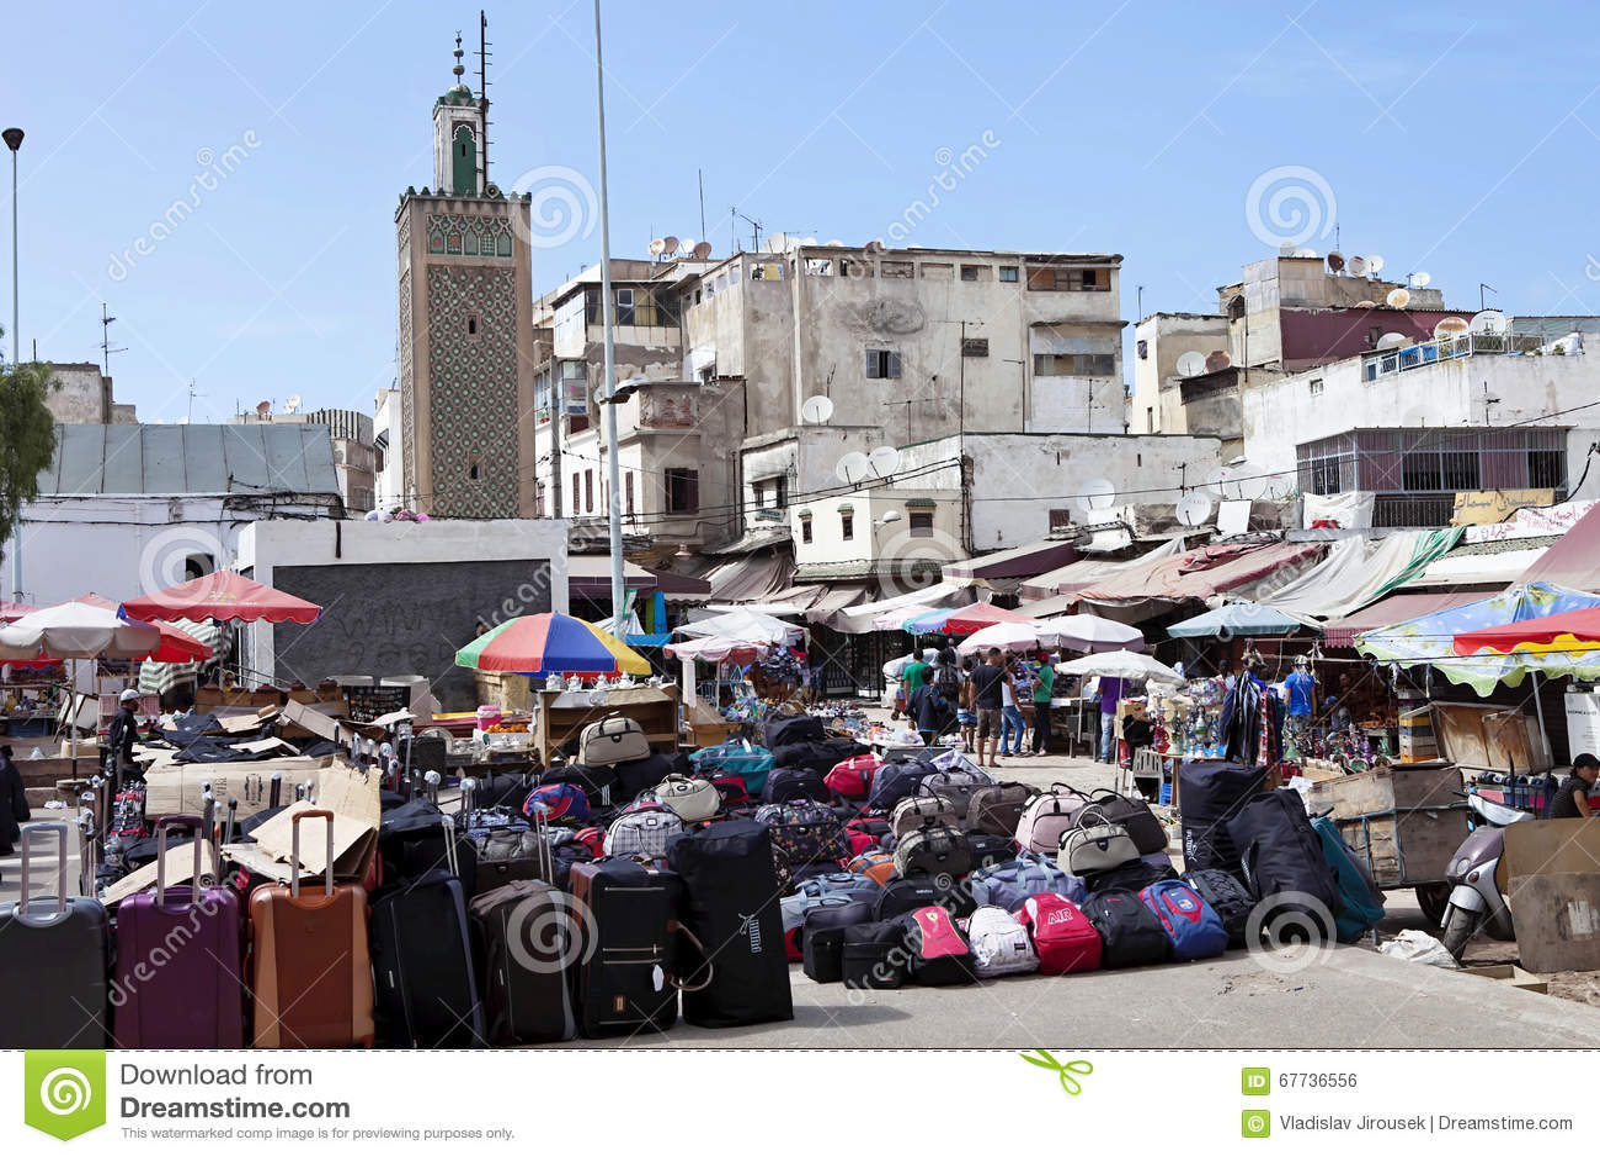 Immagine del mercato casablanca marocco fotografia - Marocco casablanca ...